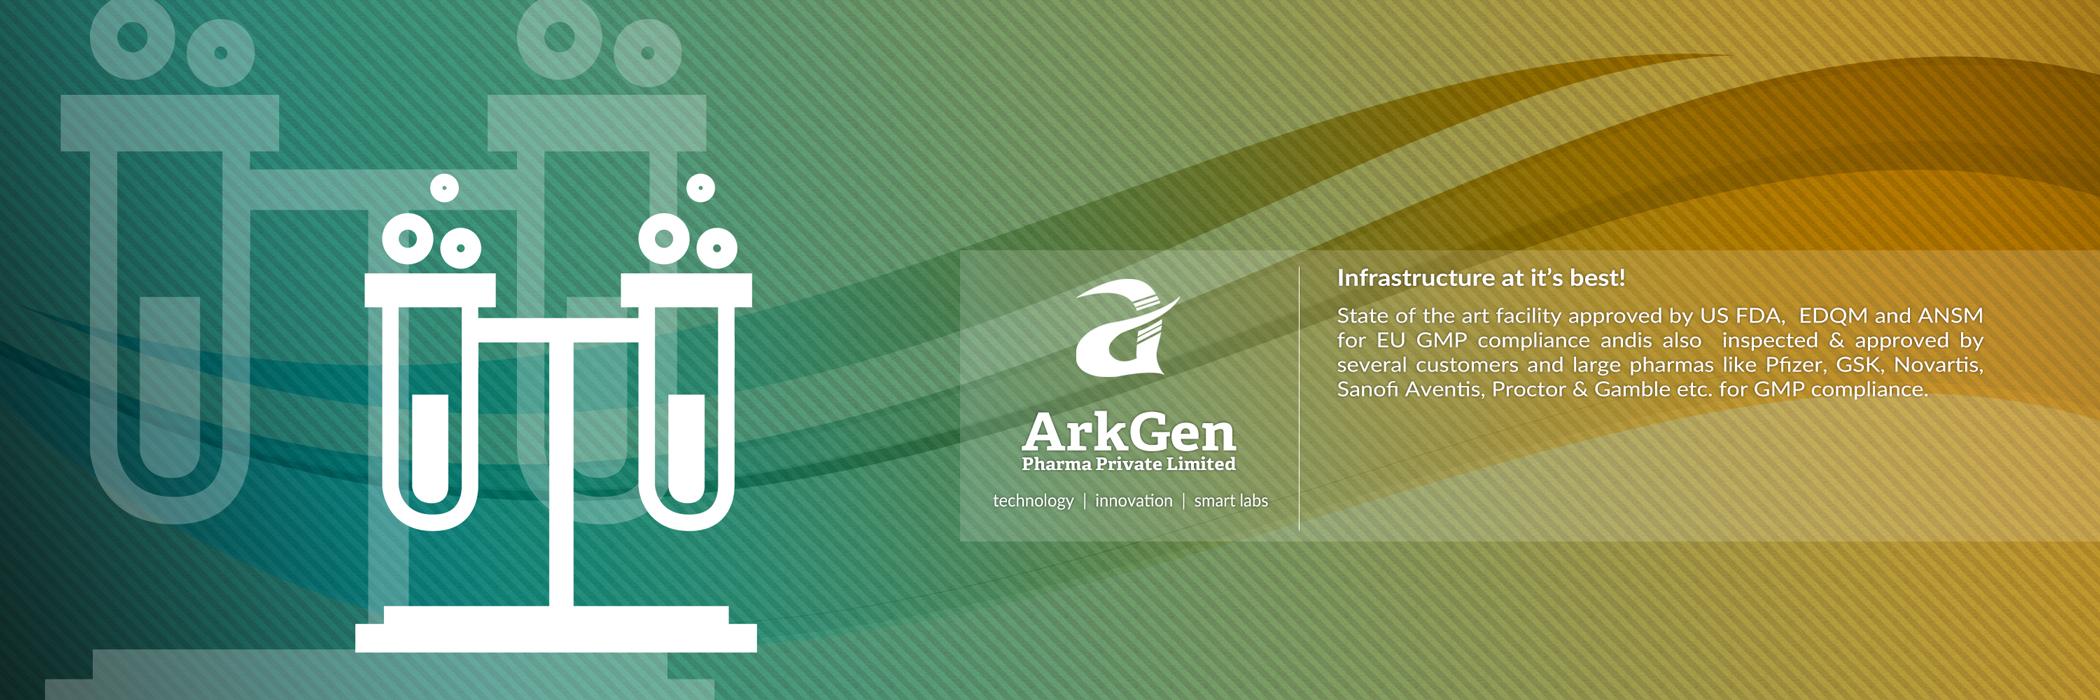 ArkGen-Pharma1